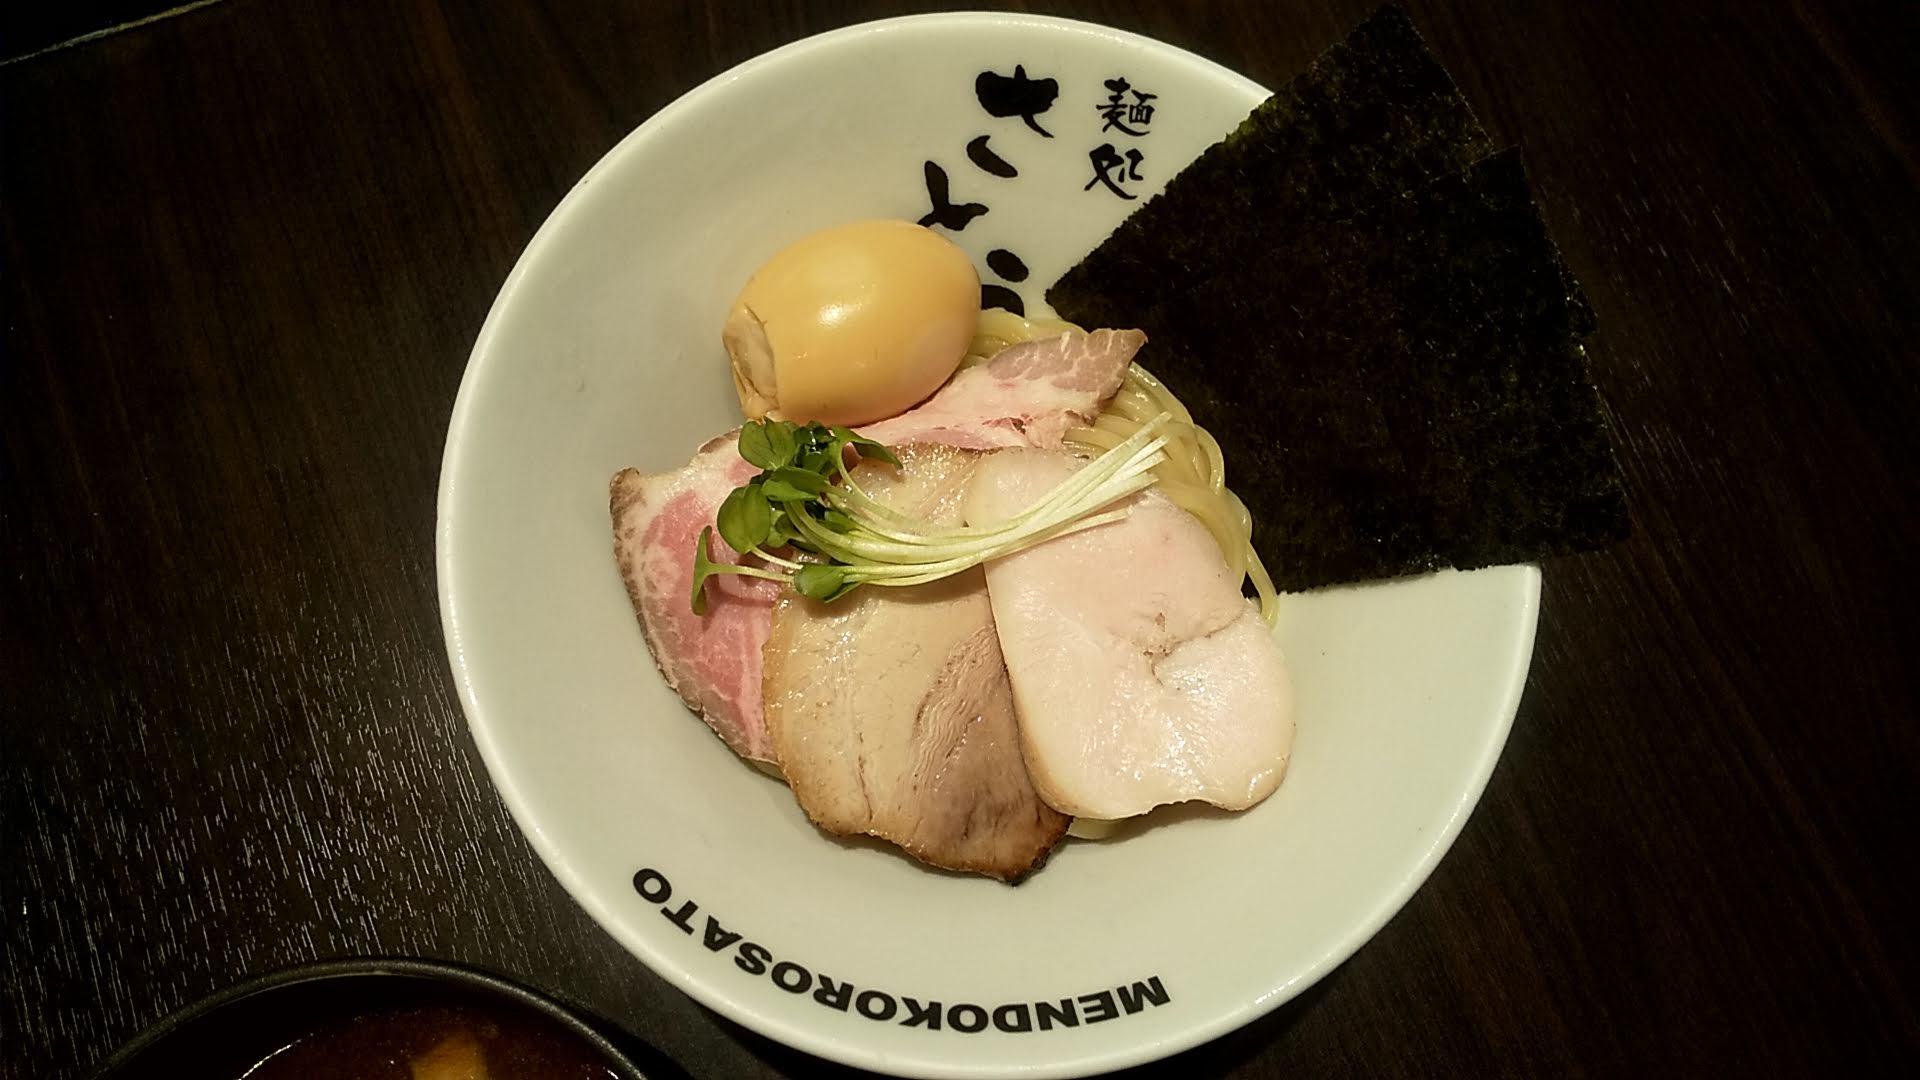 麺処さとうの特製濃厚魚介豚骨つけ麺の麺皿の写真